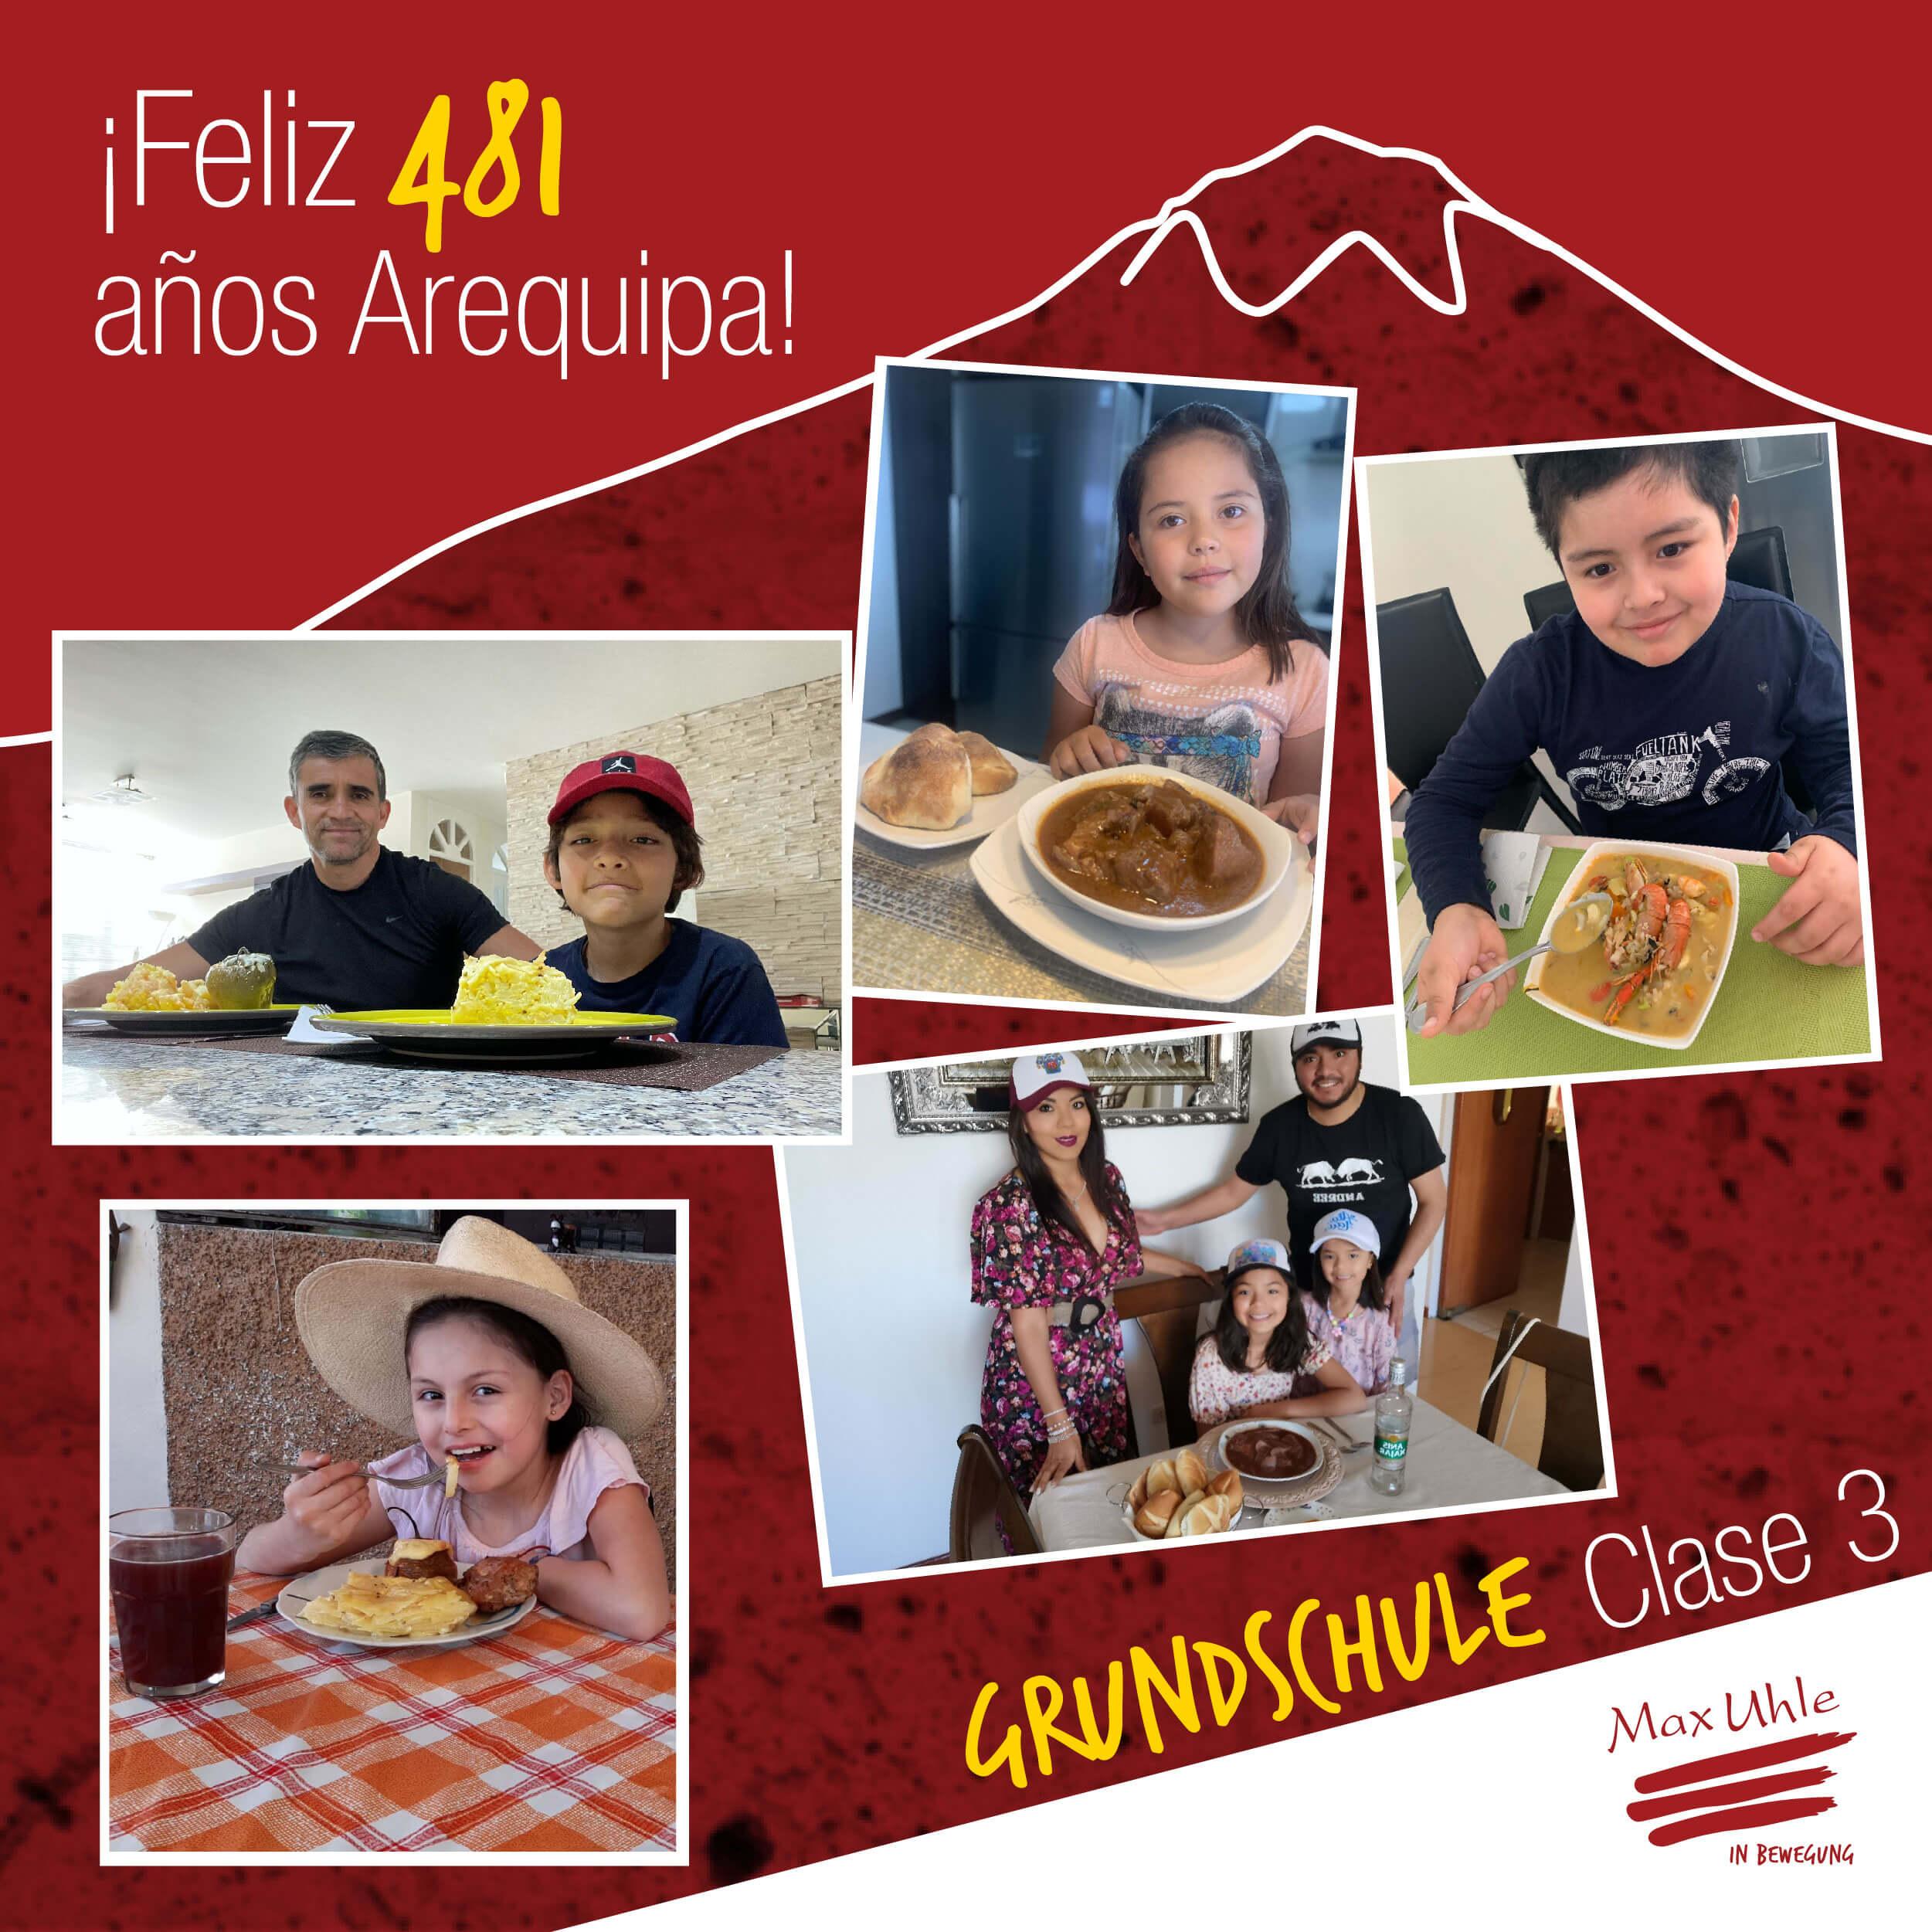 dia de Arequipa